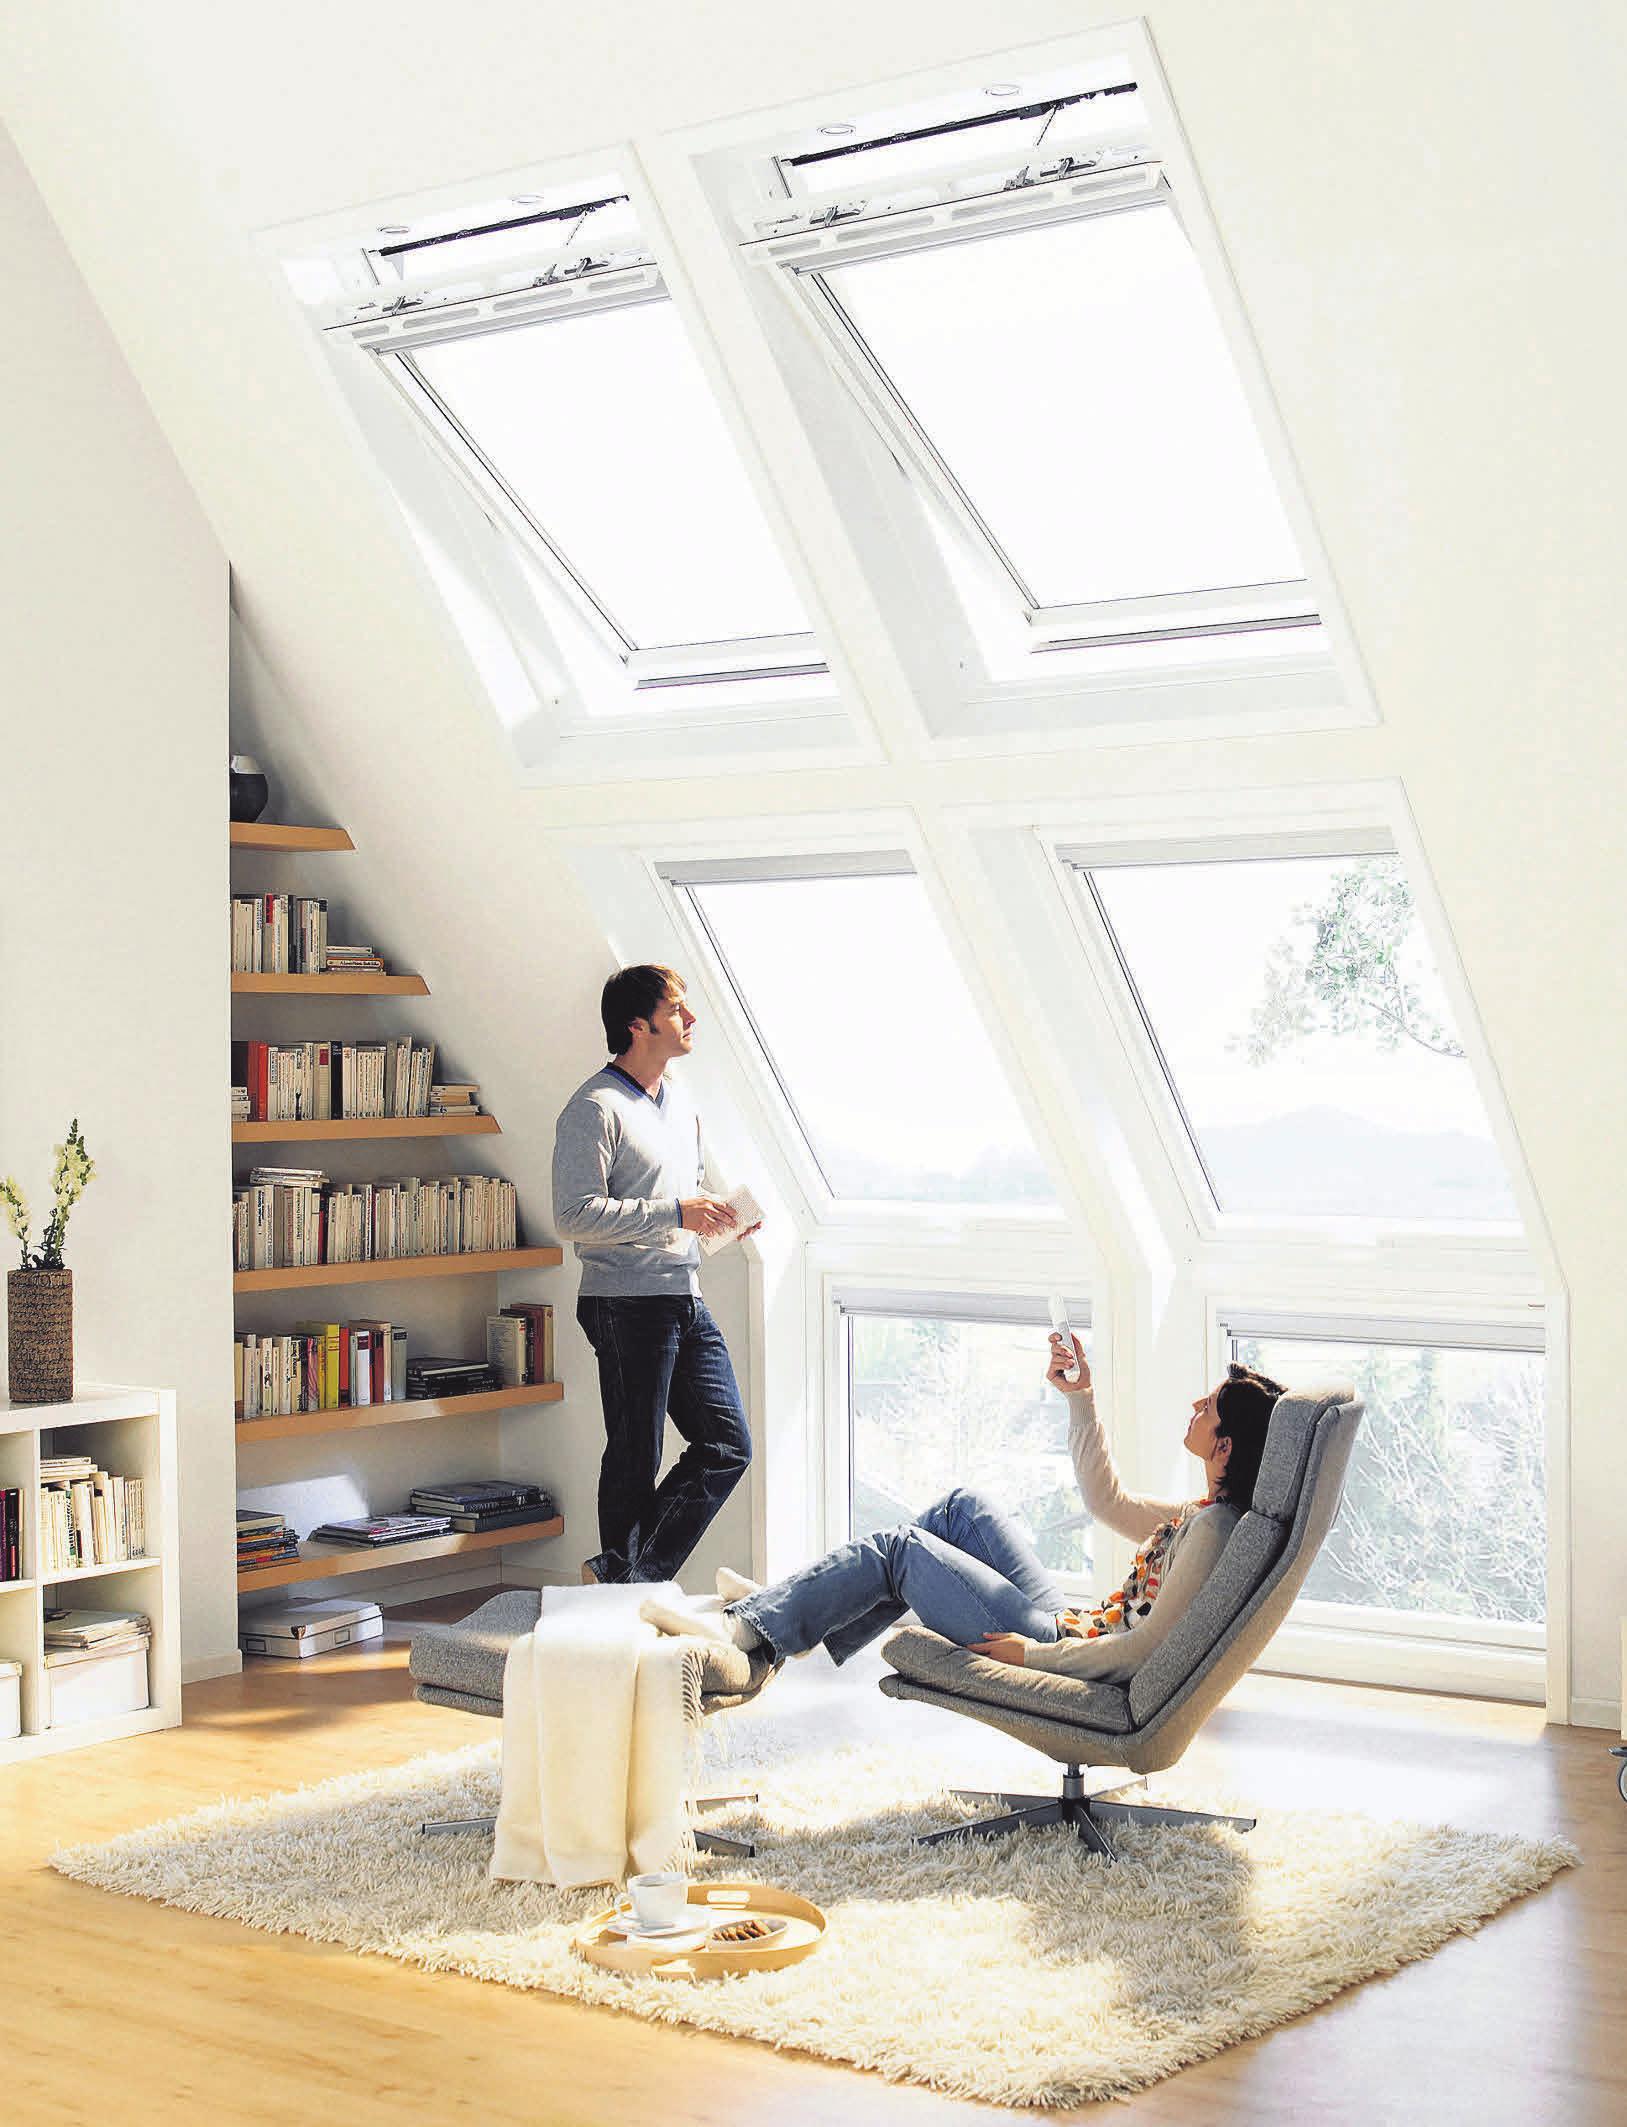 Dachfenster sorgen für lichtdurchflutete Räume. Foto: Velux